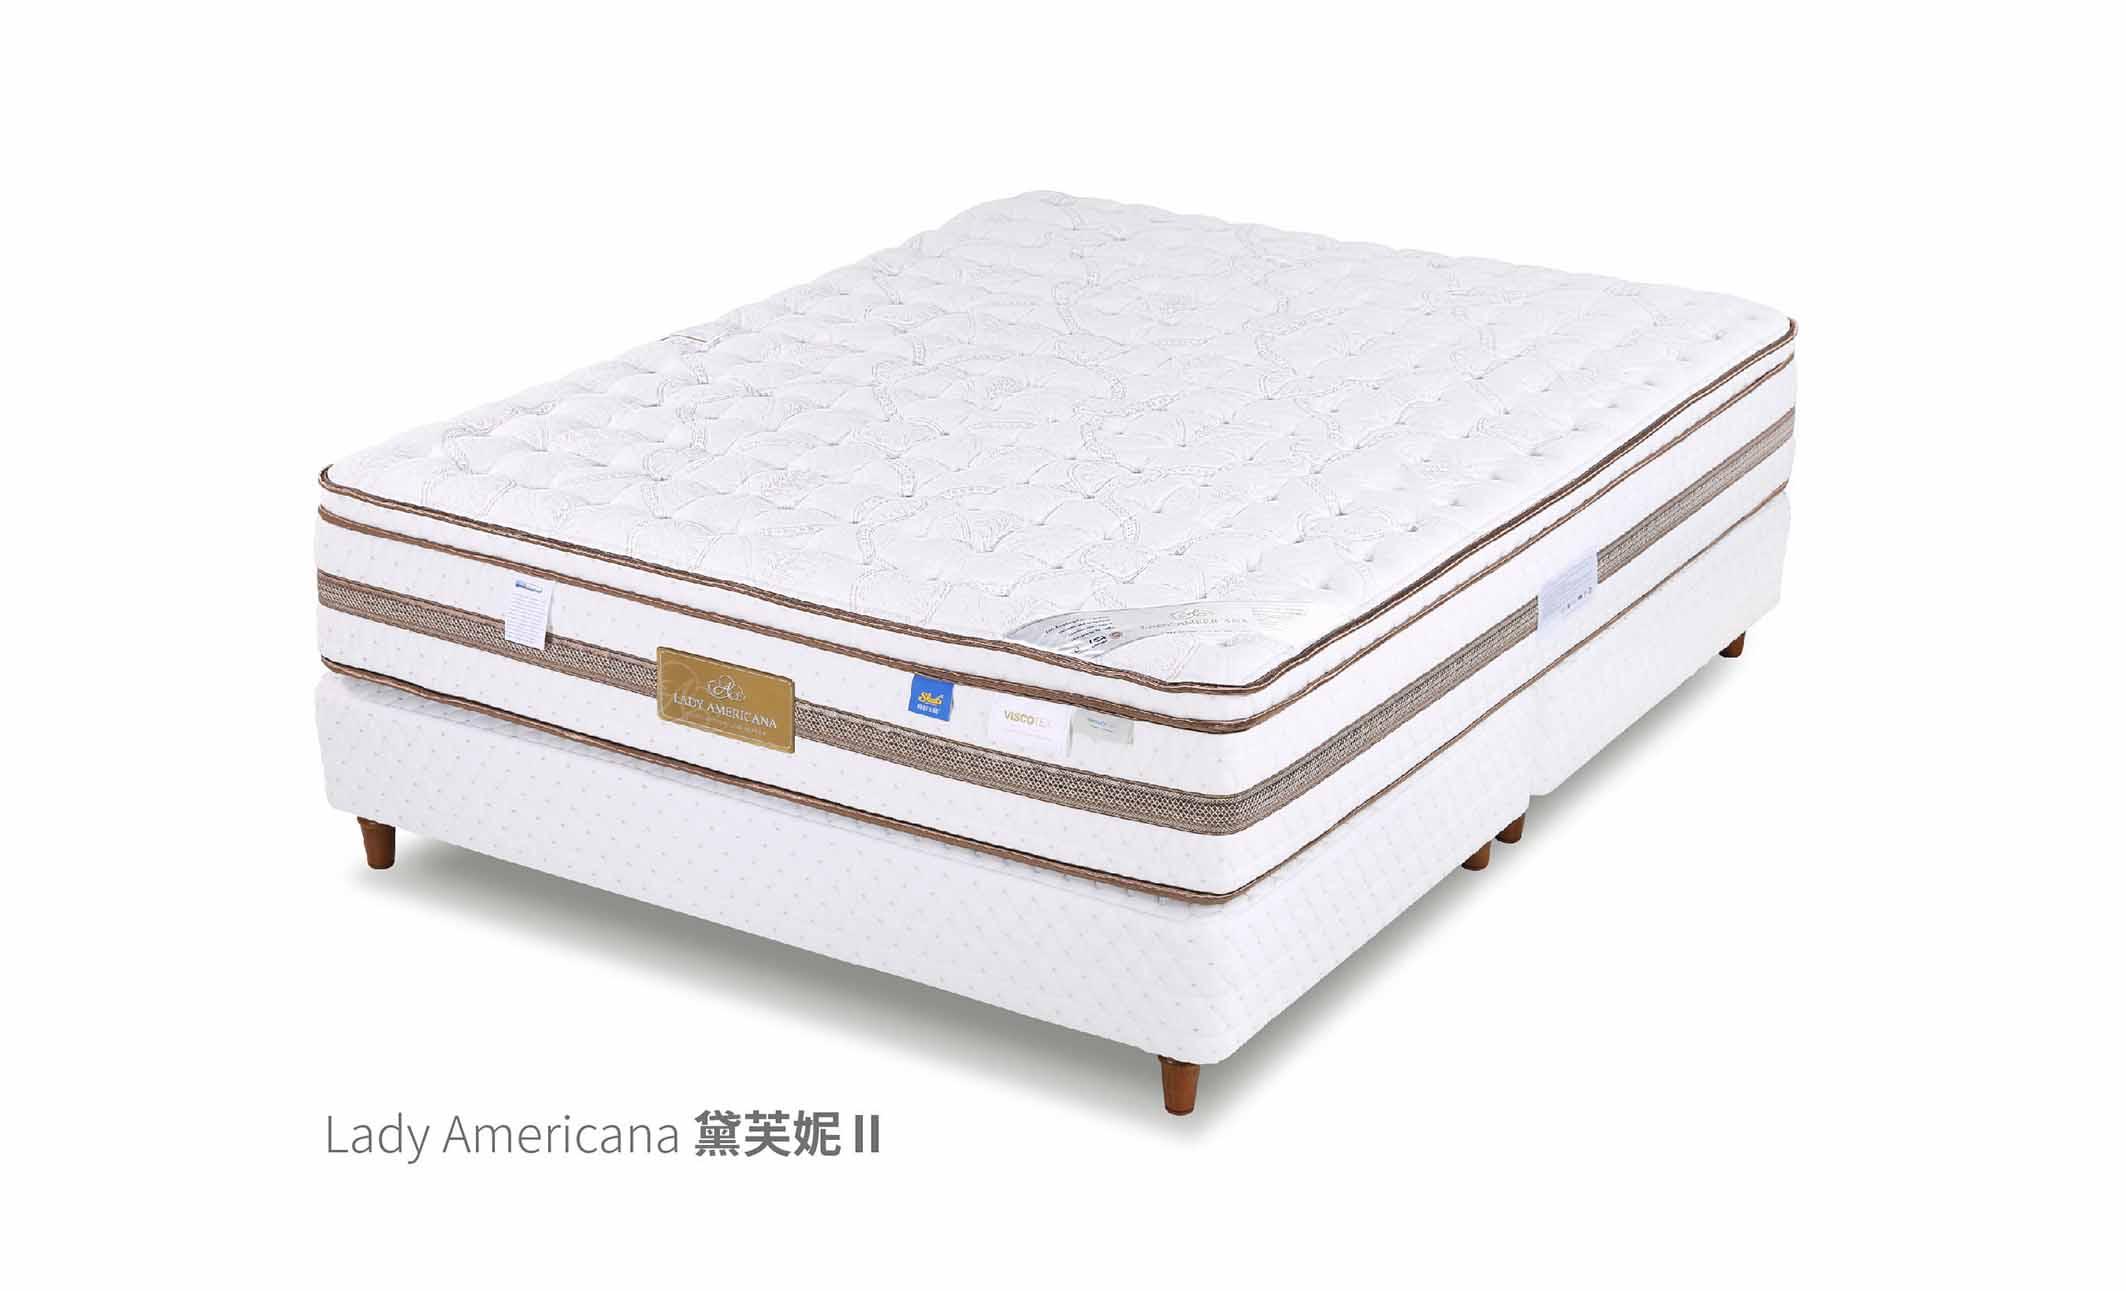 健康床墊mattress|萊儷絲名床 黛芙妮II|睡眠王國集團